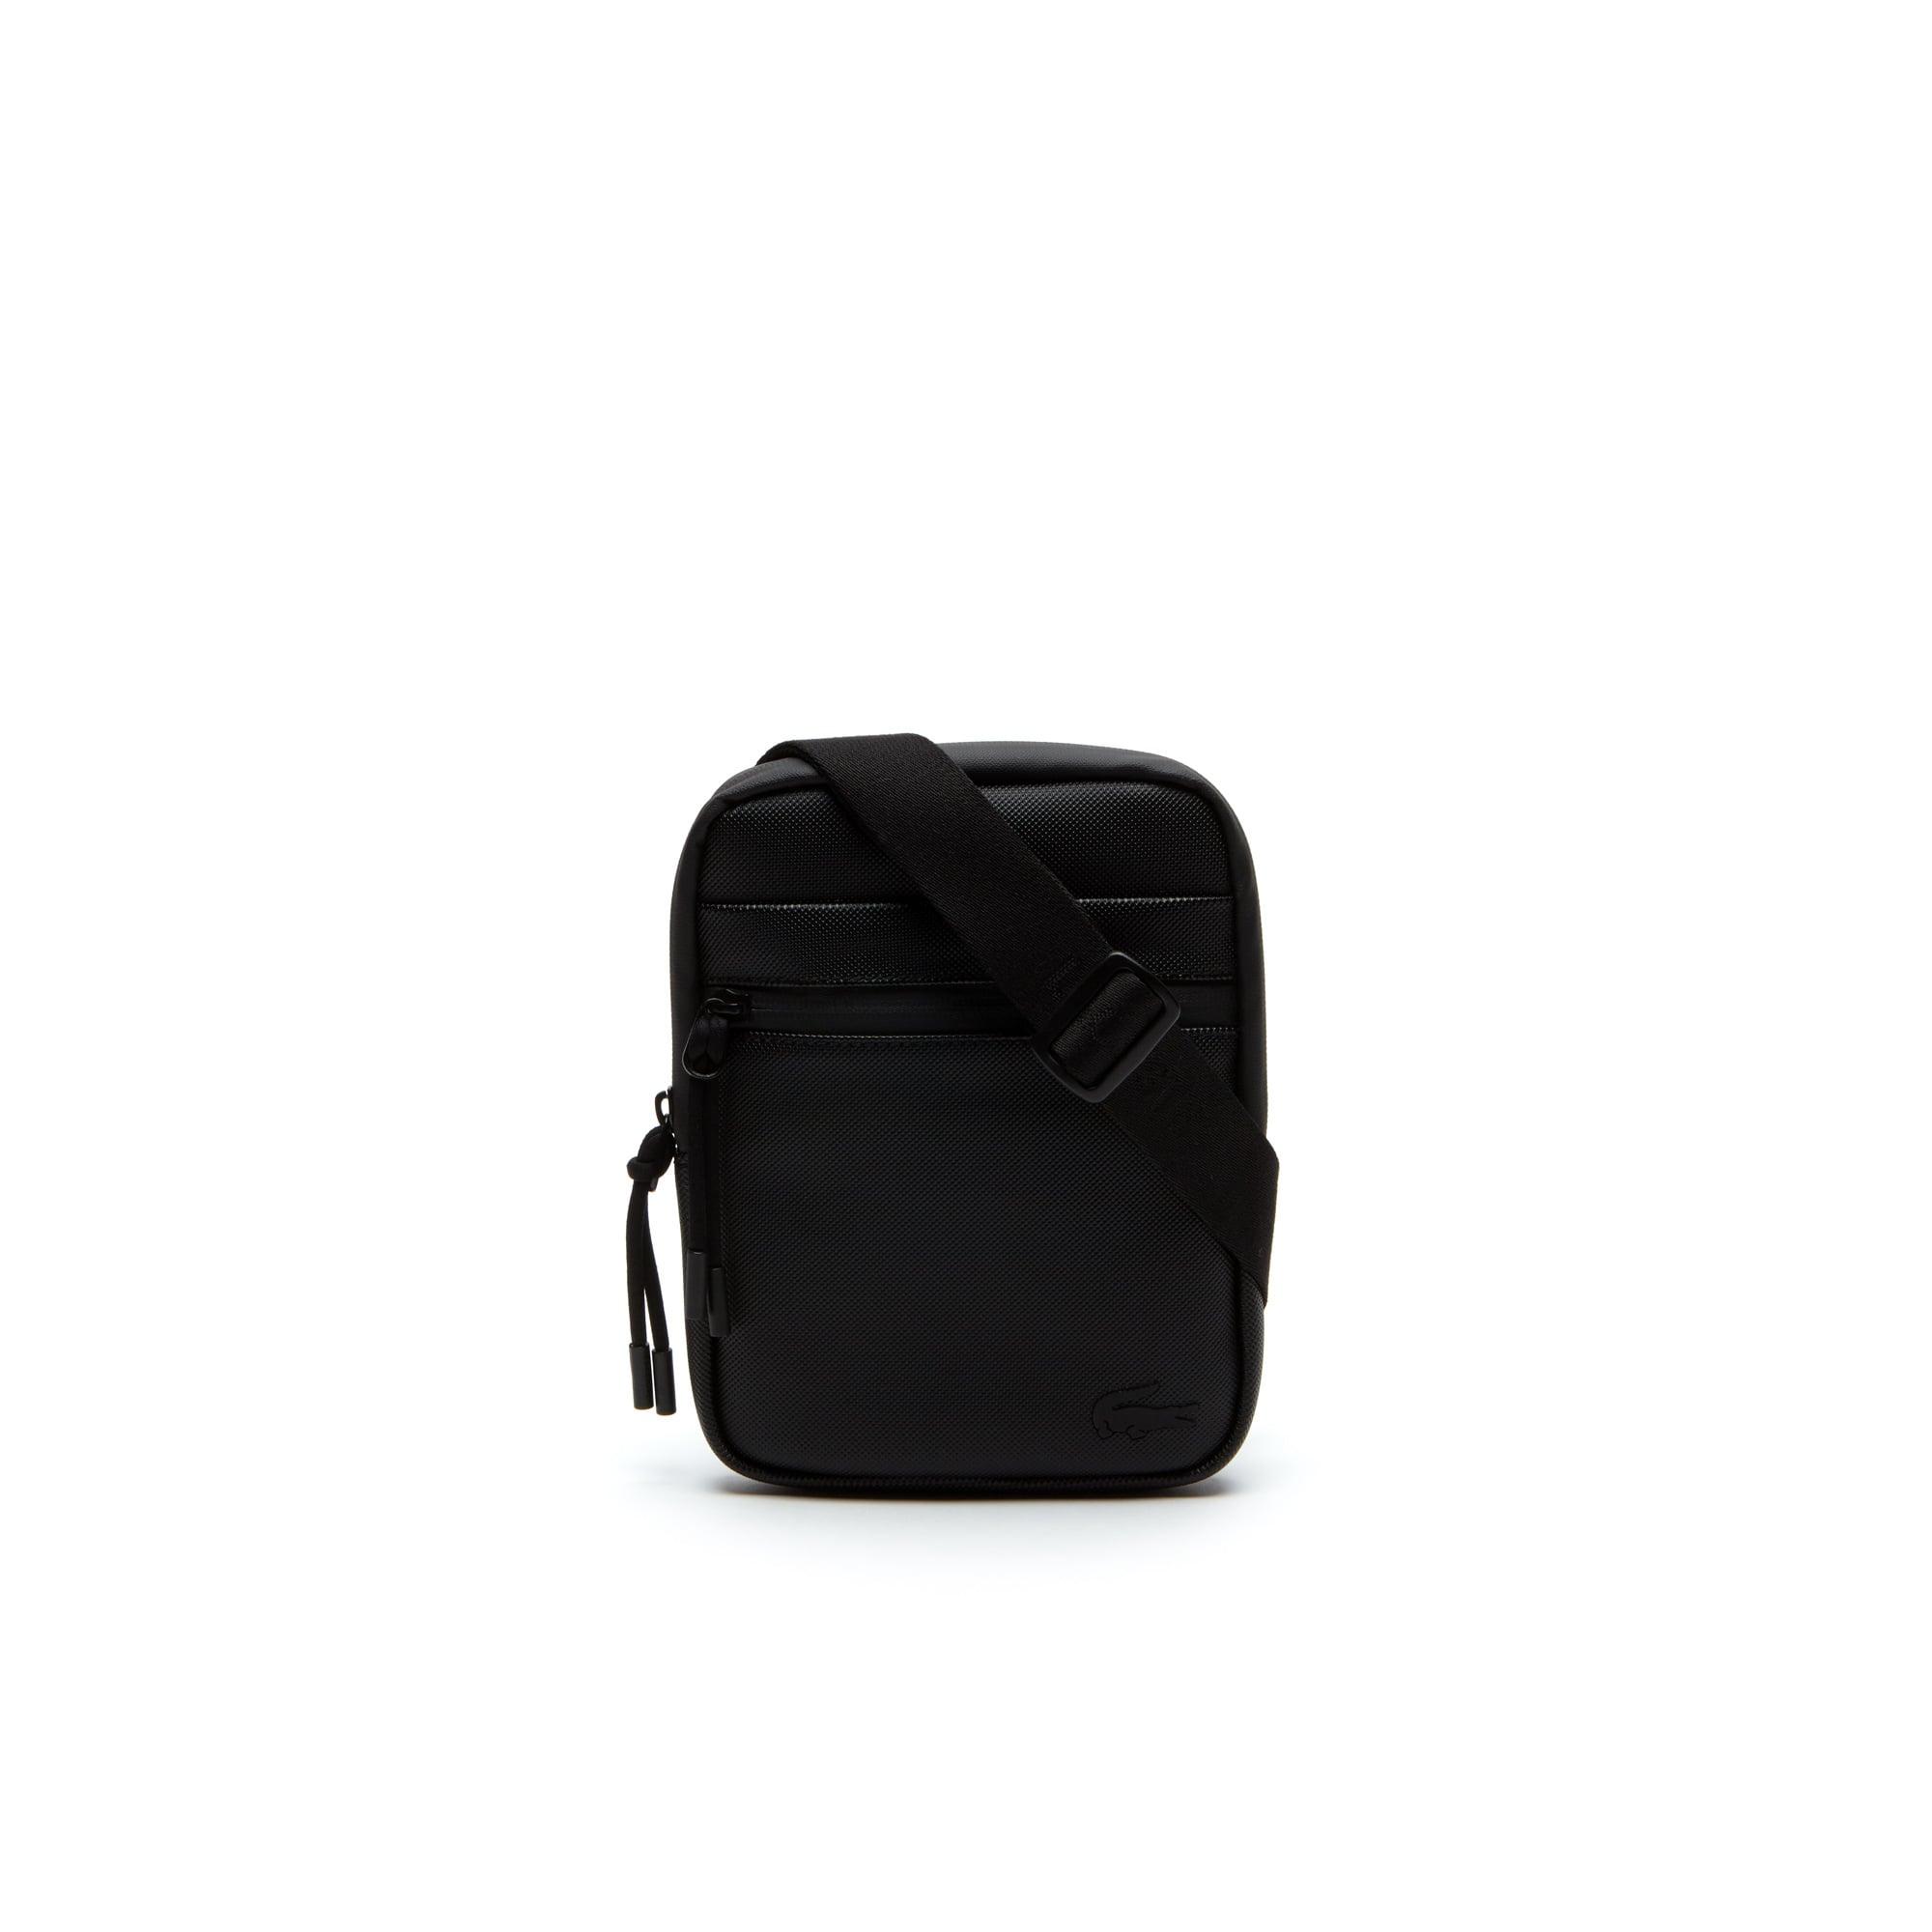 حقيبة رجّالية صغيرة مع سحّاب من بيتيه بيكيه